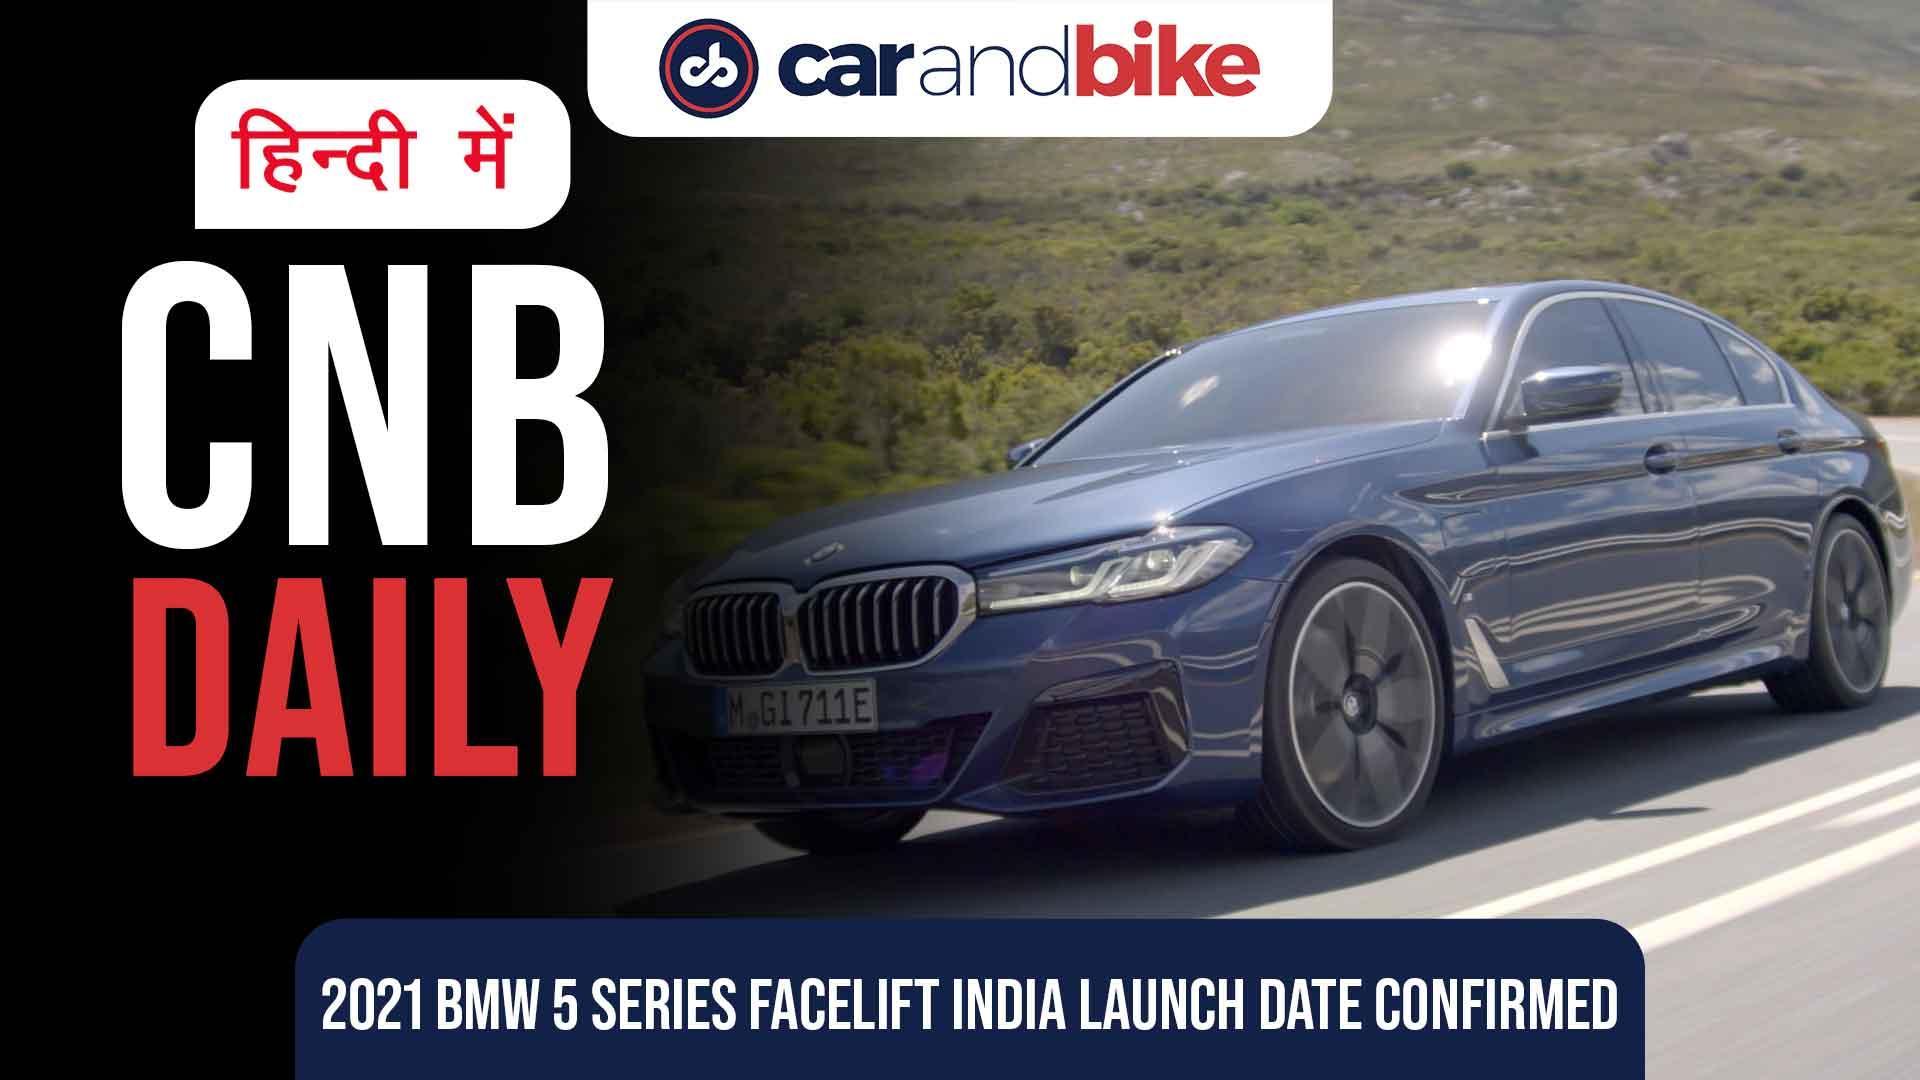 2021 BMW 5 सीरीज़ फेसलिफ्ट 24 जून को होगी लॉन्च